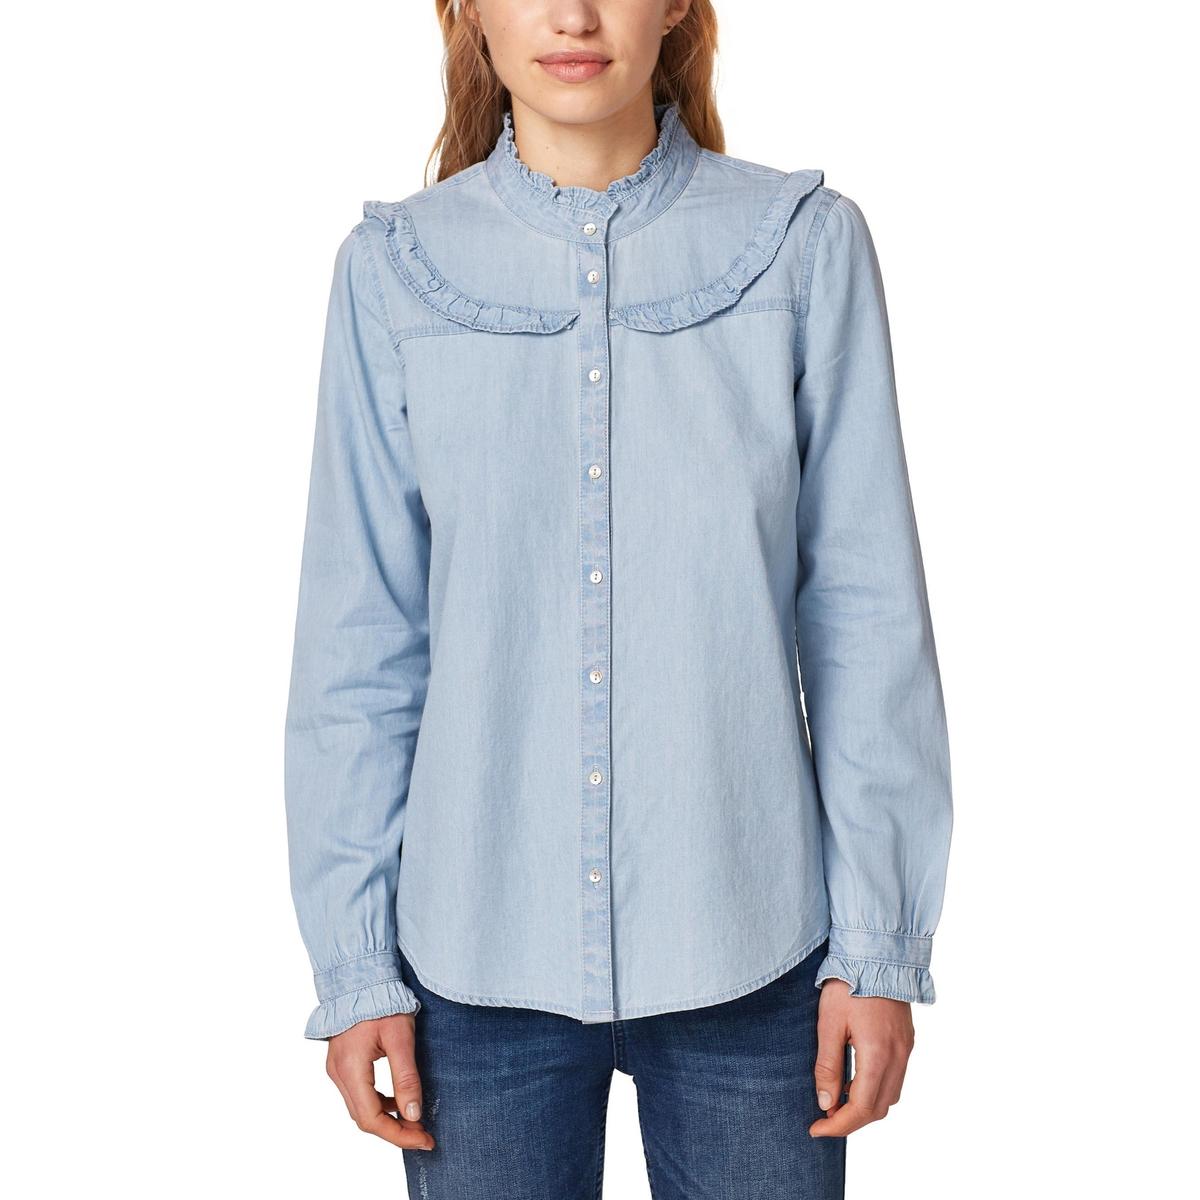 Camisa con volante de manga larga, algodón ligero